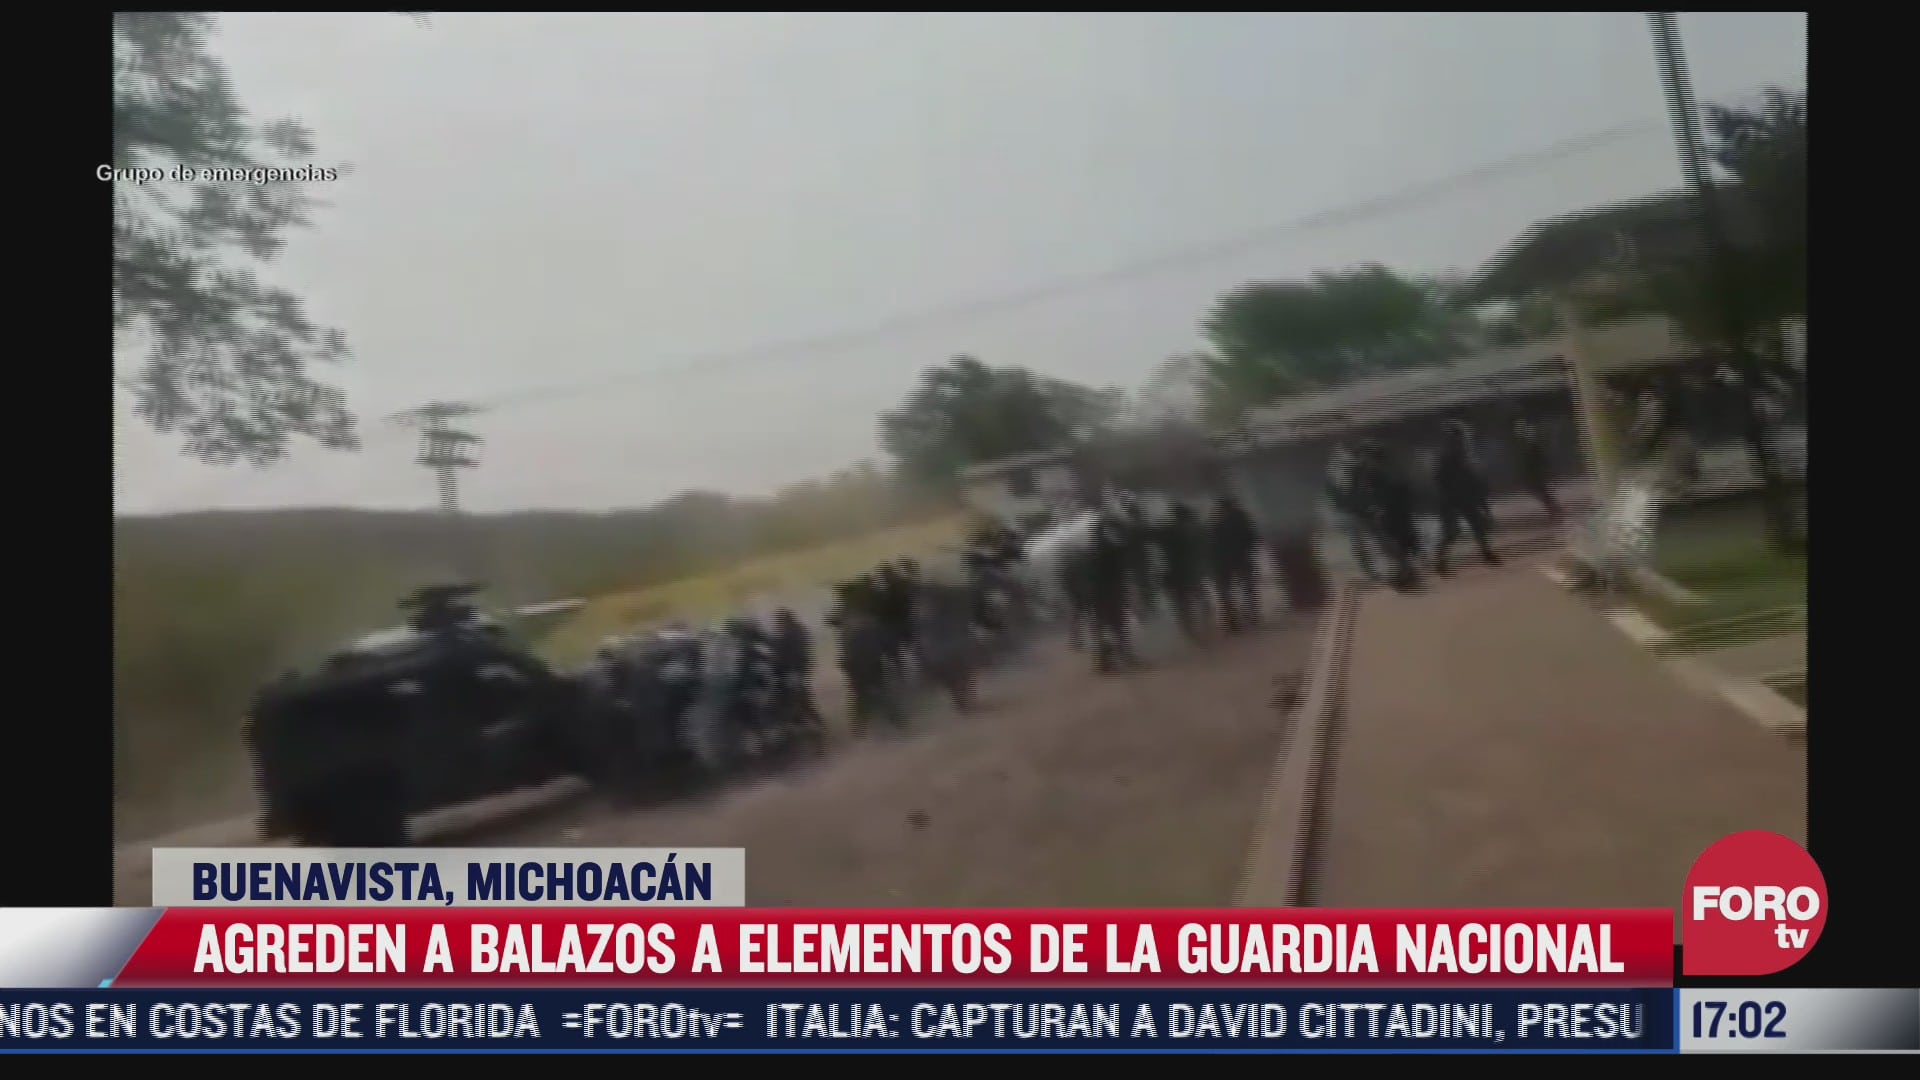 agreden a balazos a elementos de la guardia nacional en michoacan